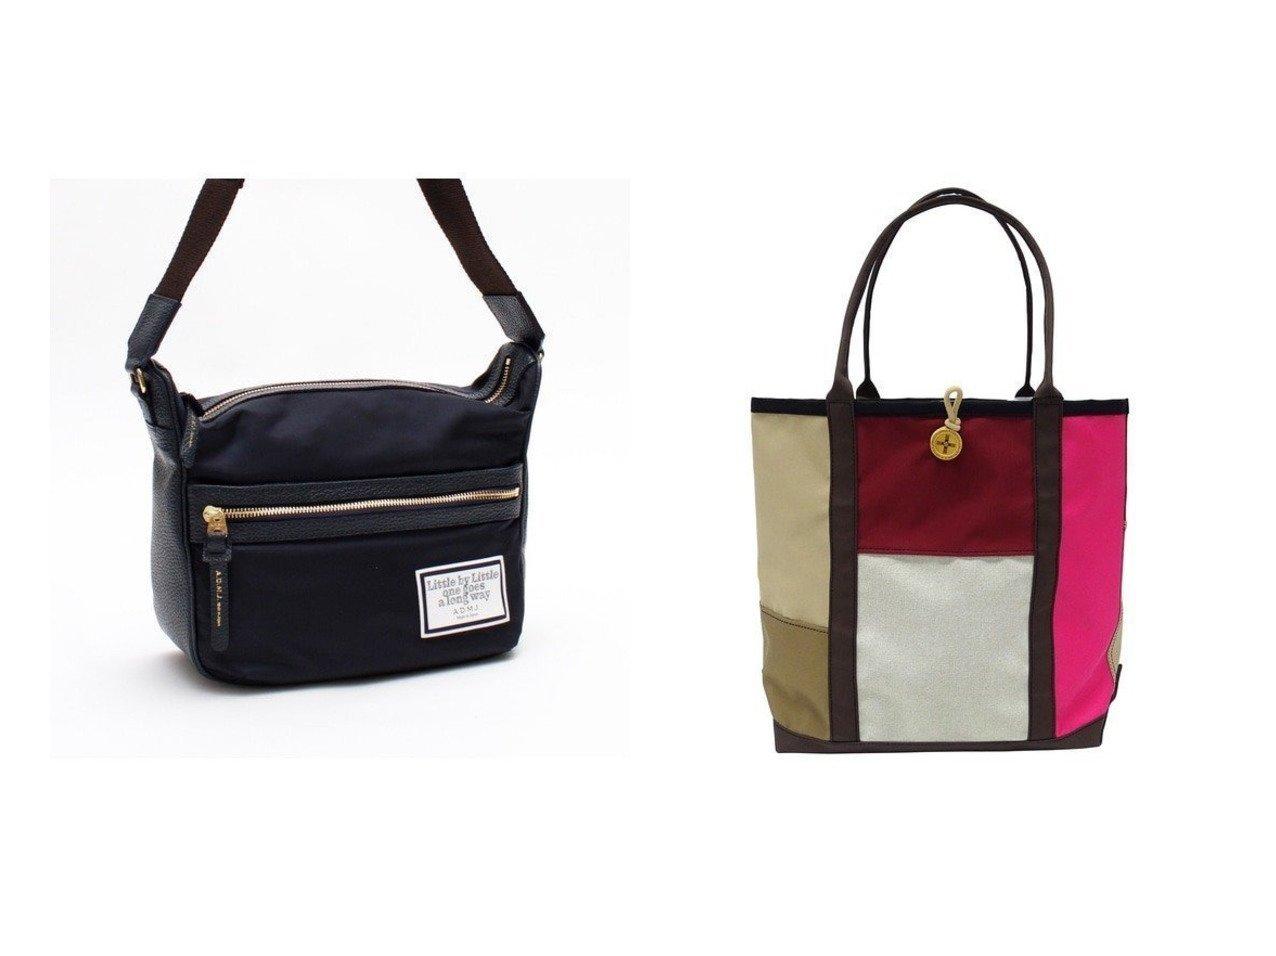 【+RING/プラスリング】の撥水トートバッグ ML CHO SR249&【A.D.M.J/アクセソワドゥマドモワゼルジャップ】のリモンタナイロン 25cm SHOULDER BAG バッグ・鞄のおすすめ!人気、トレンド・レディースファッションの通販  おすすめで人気の流行・トレンド、ファッションの通販商品 メンズファッション・キッズファッション・インテリア・家具・レディースファッション・服の通販 founy(ファニー) https://founy.com/ ファッション Fashion レディースファッション WOMEN バッグ Bag ショルダー ダブル 人気 ポケット ラップ リボン 送料無料 Free Shipping パッチワーク 傘 雑誌 |ID:crp329100000015639